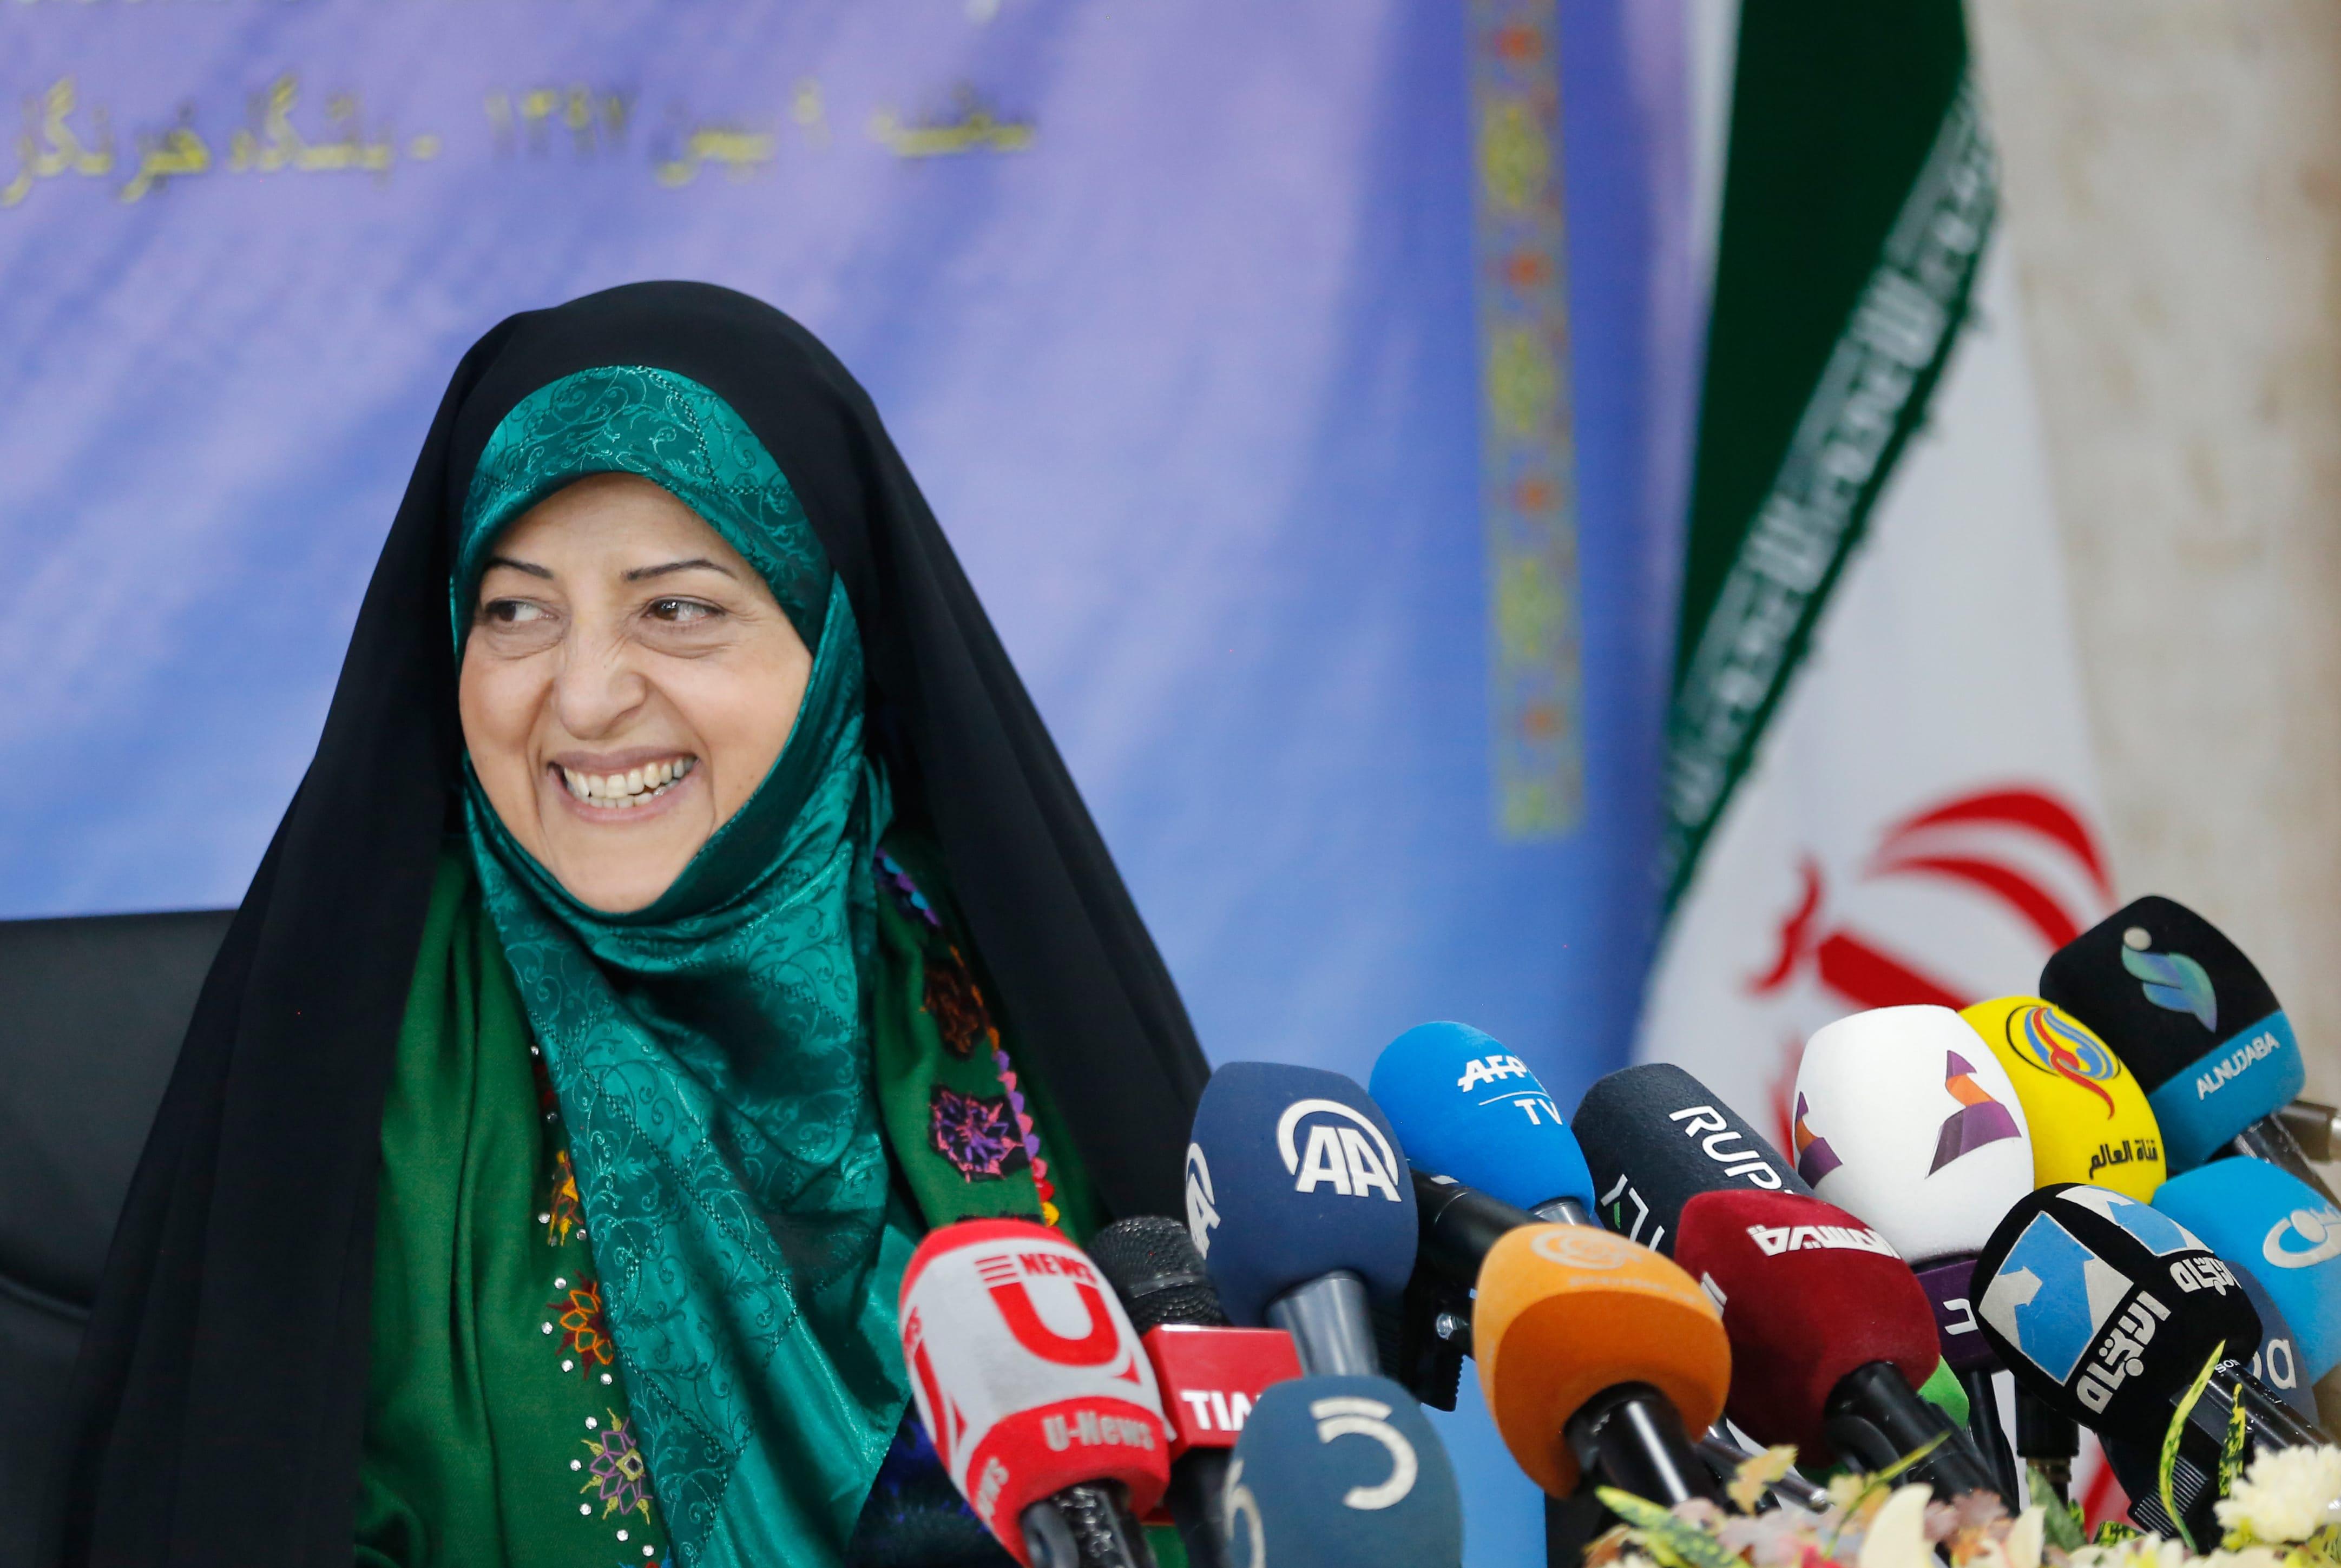 Vicepresidente iraní infectado con coronavirus 63